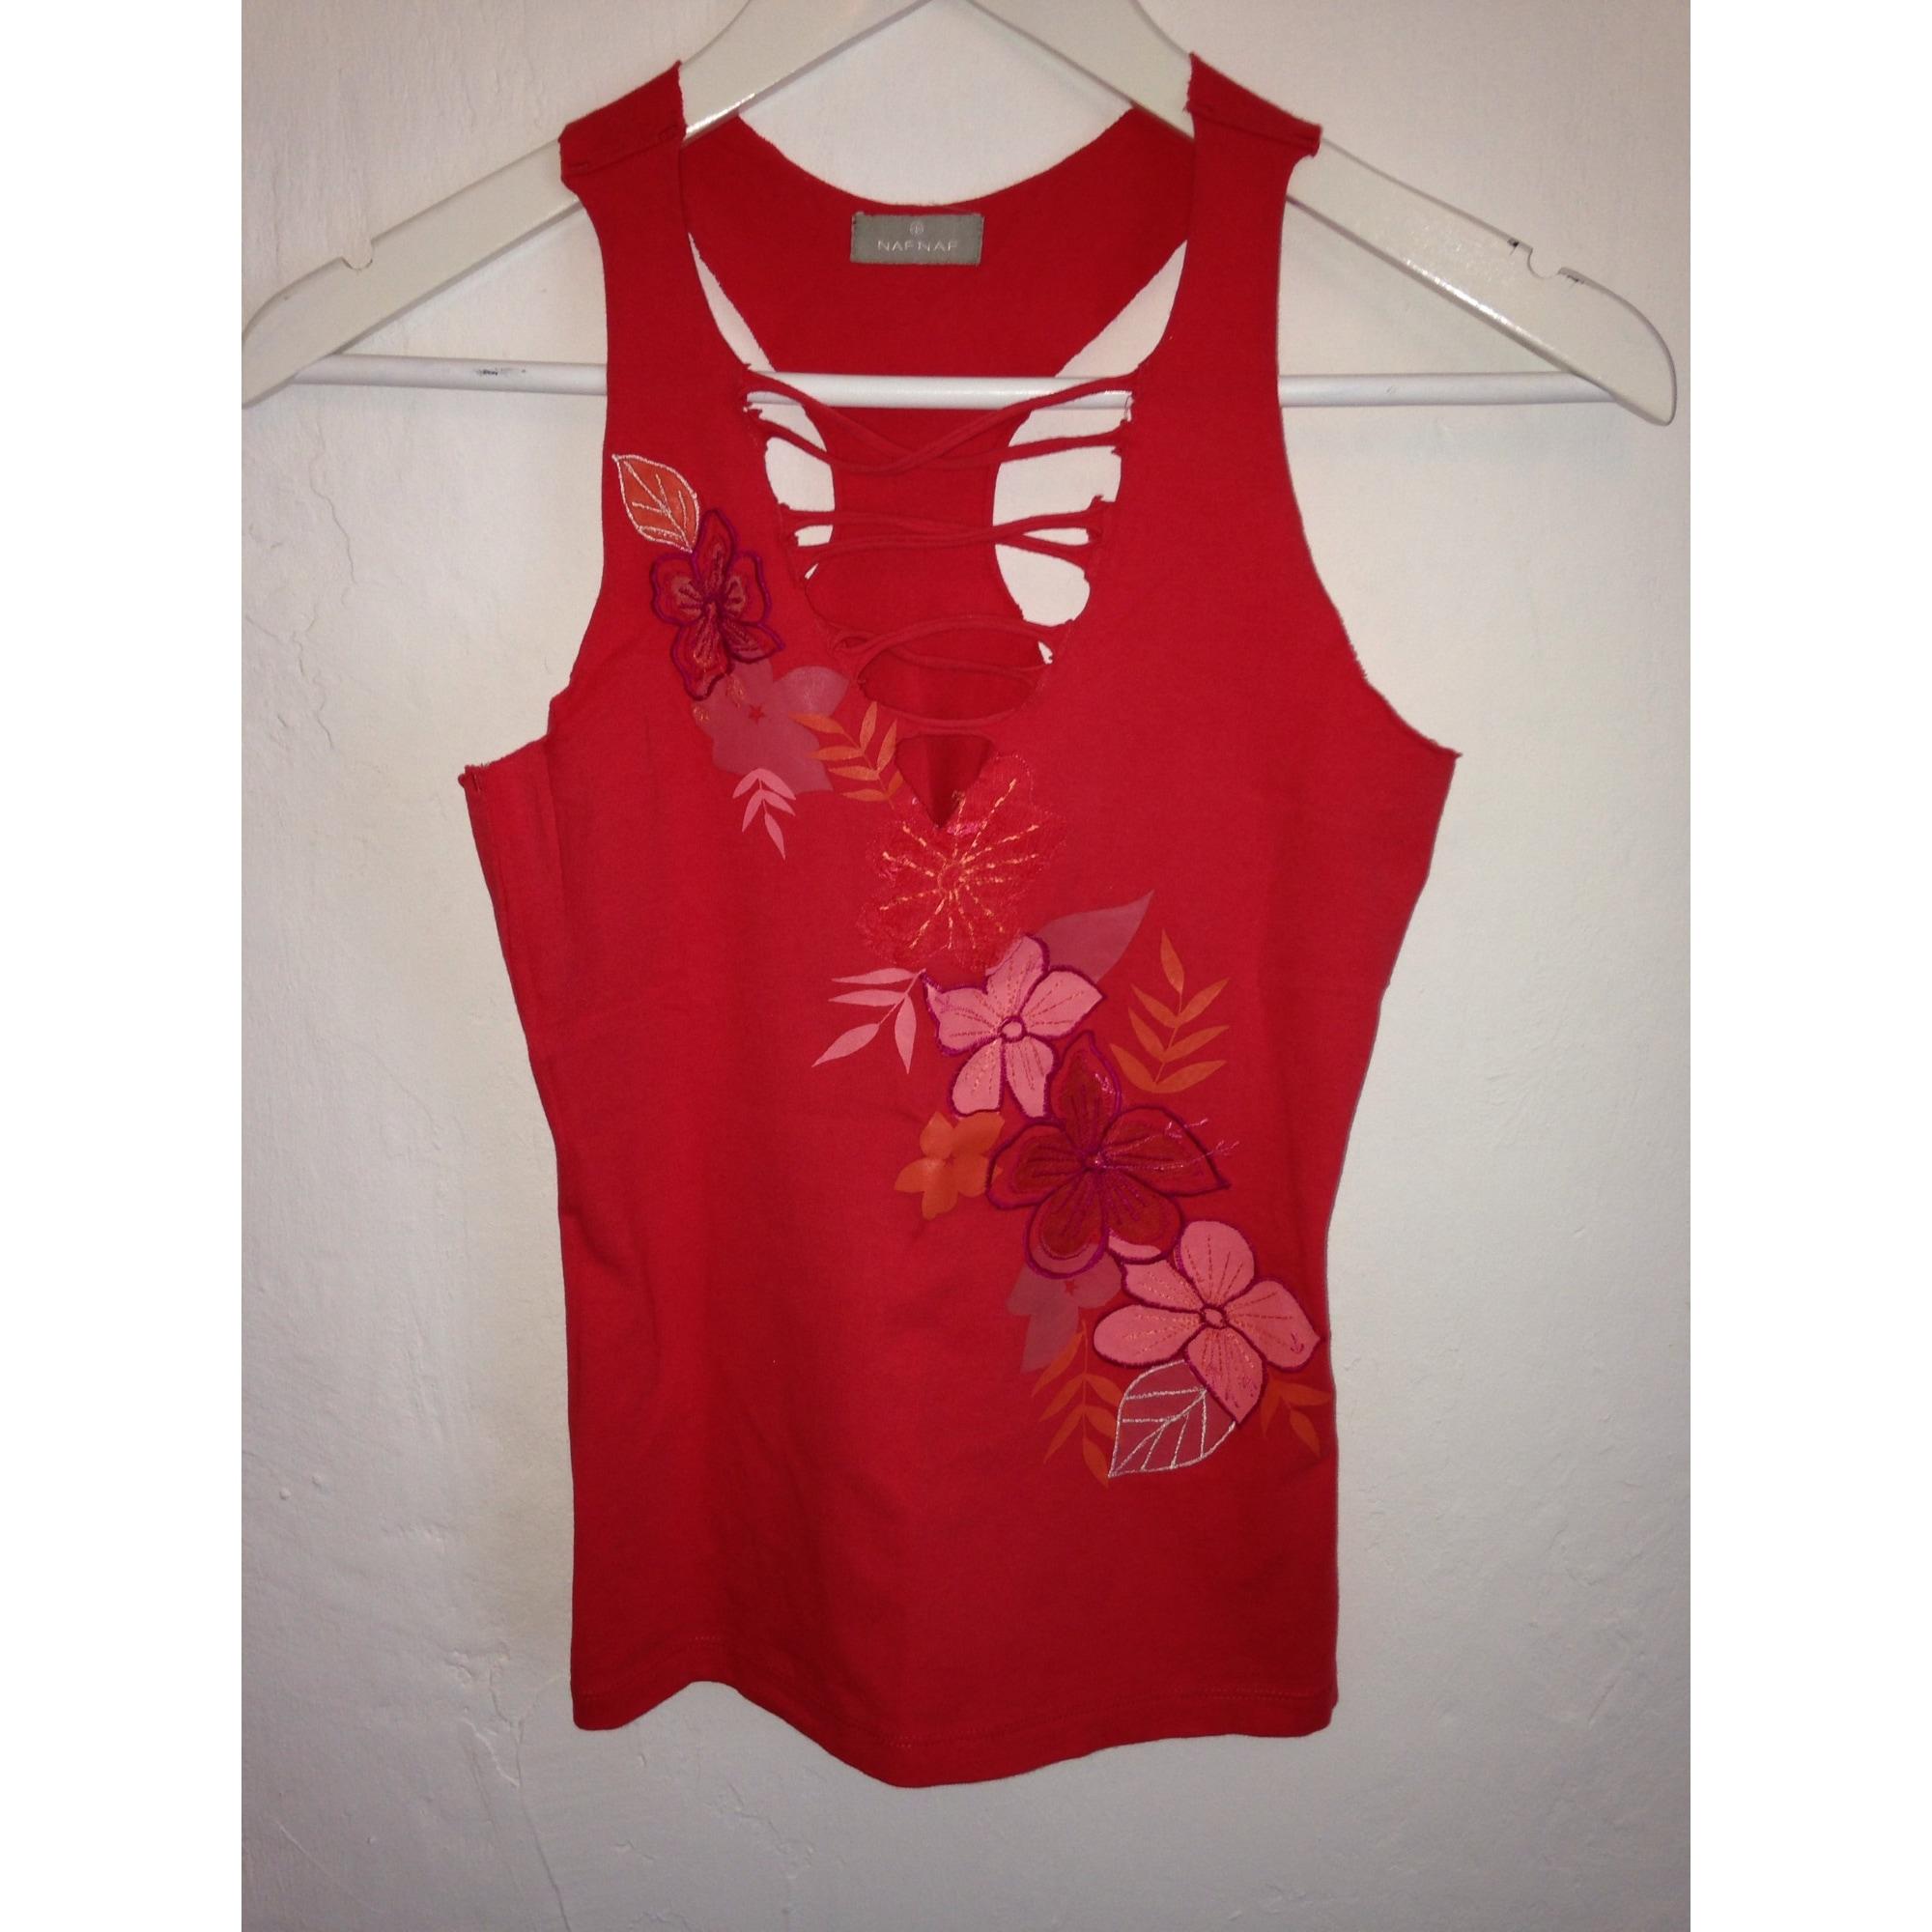 Top, tee-shirt NAF NAF Rose, fuschia, vieux rose